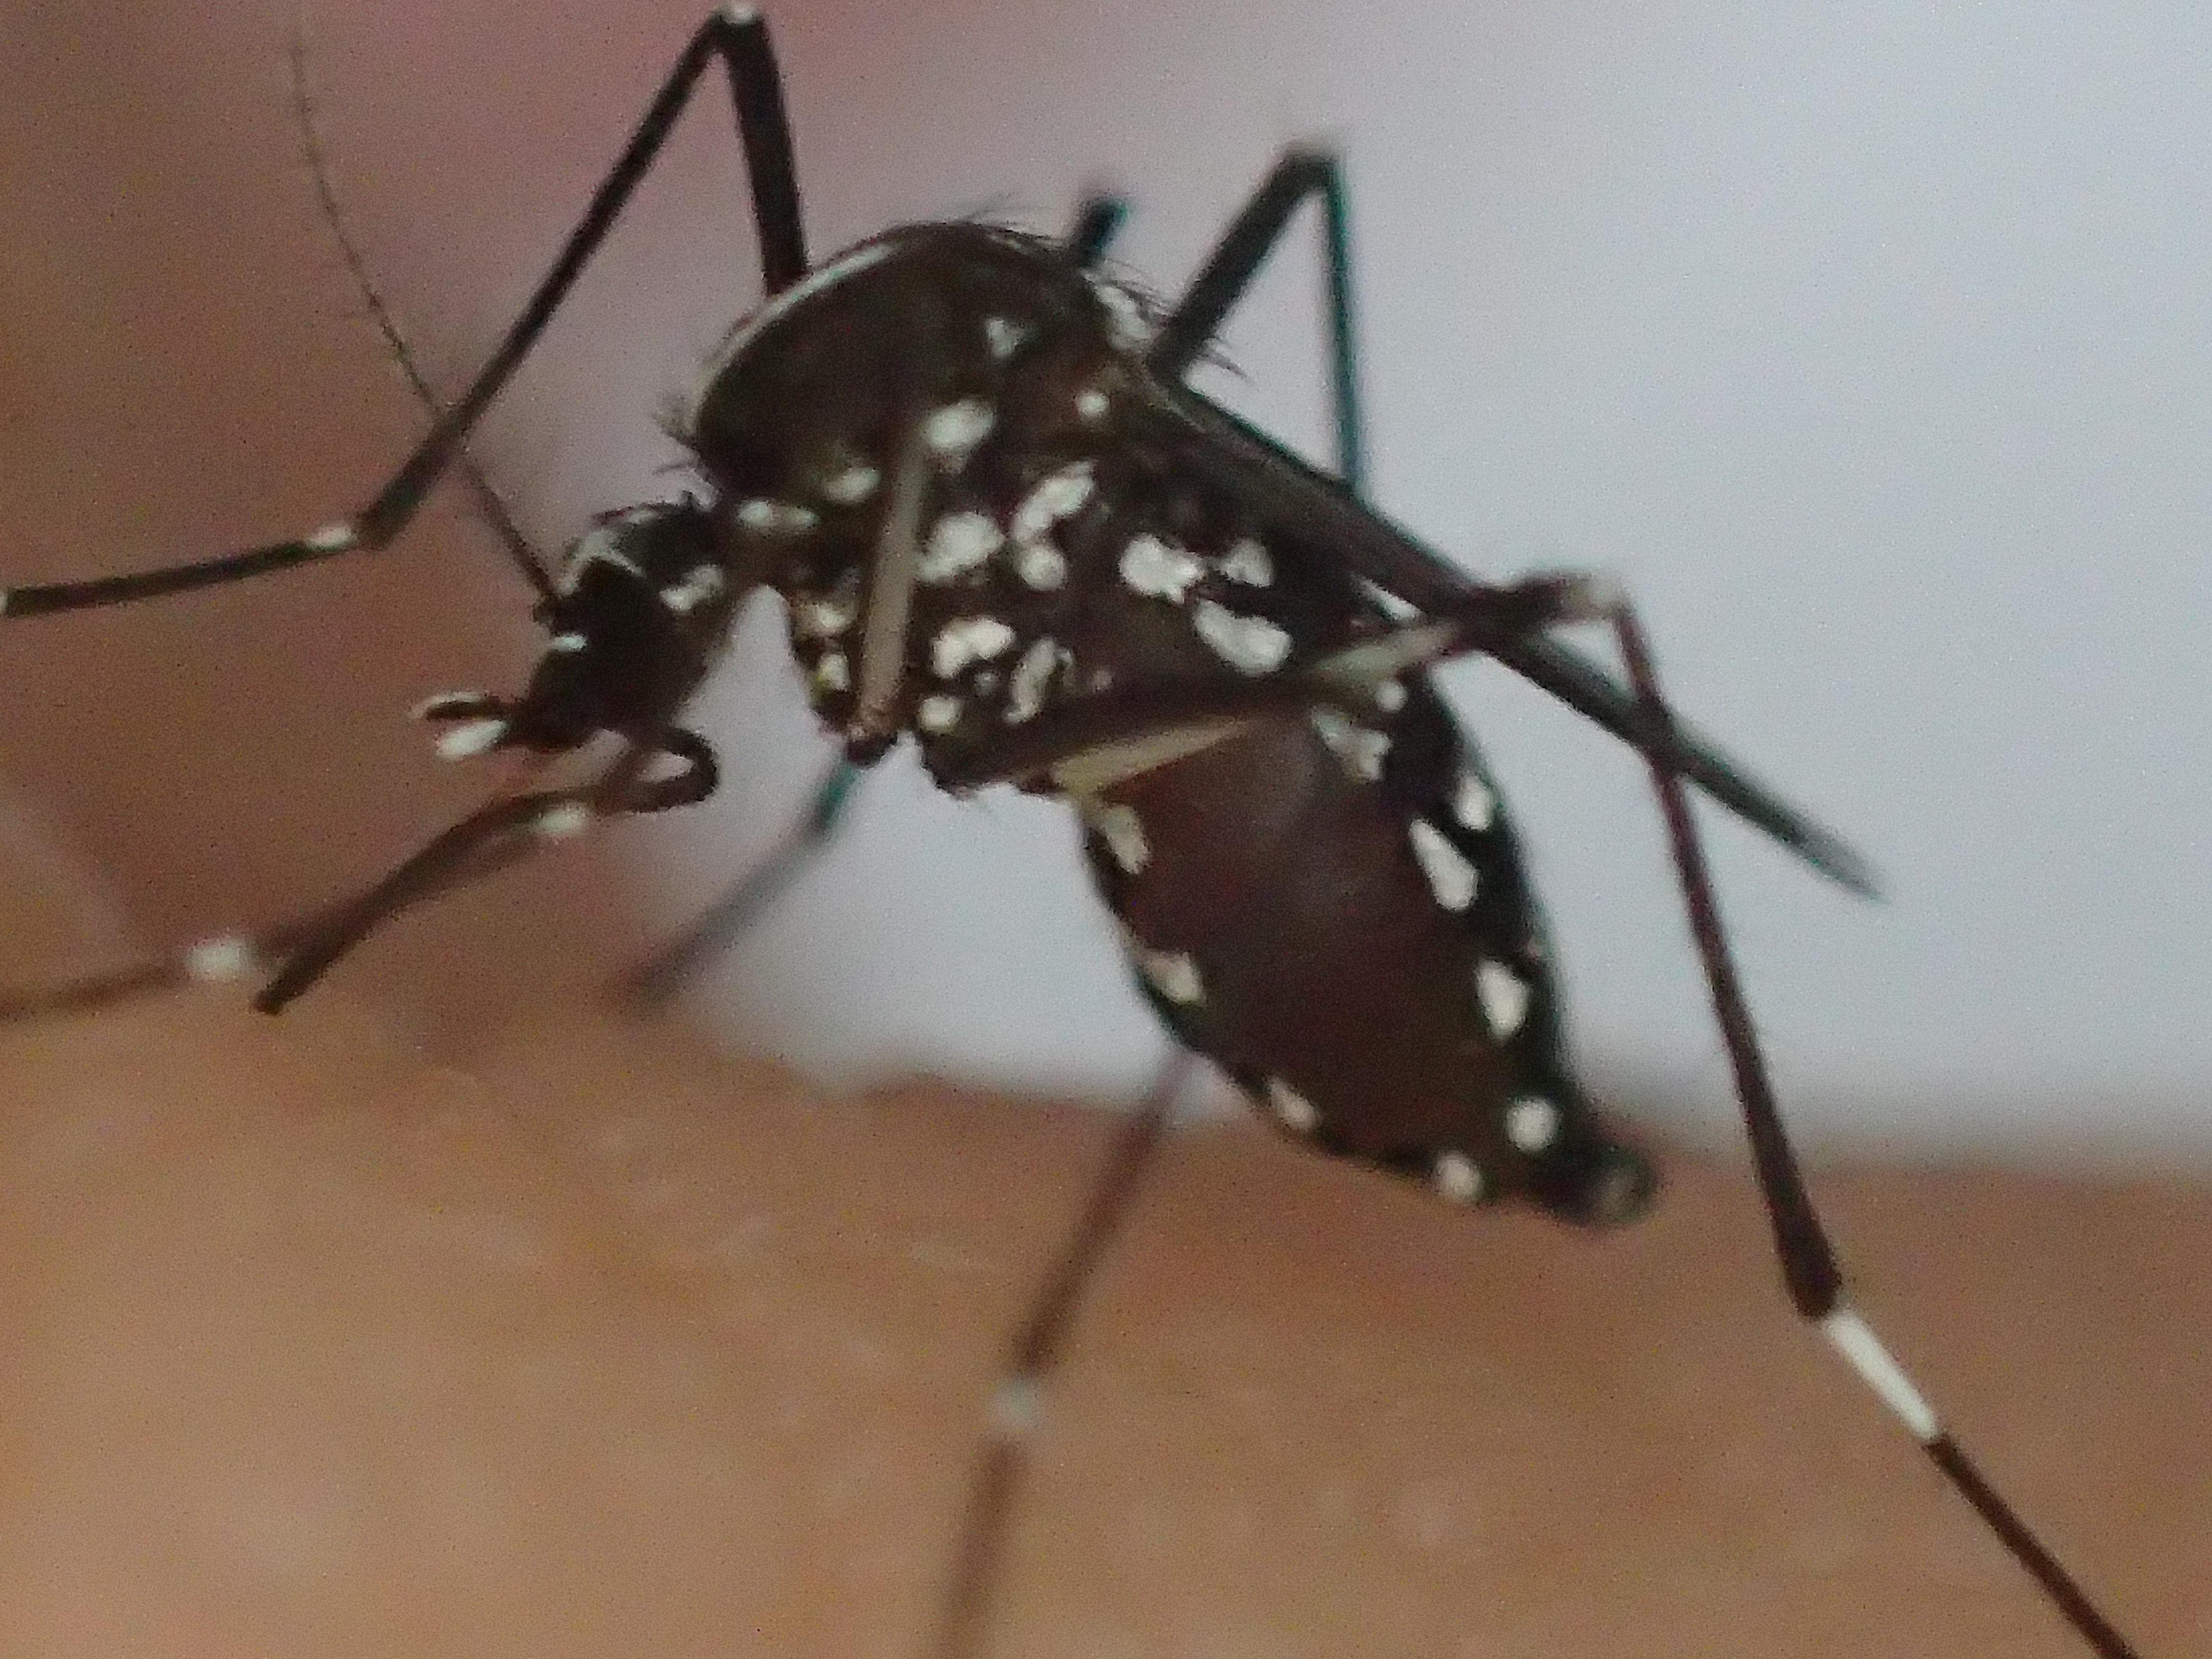 吸った血で少しずつ腹部が赤黒く膨らみ始めたヤブ蚊(ヒトスジシマカ)